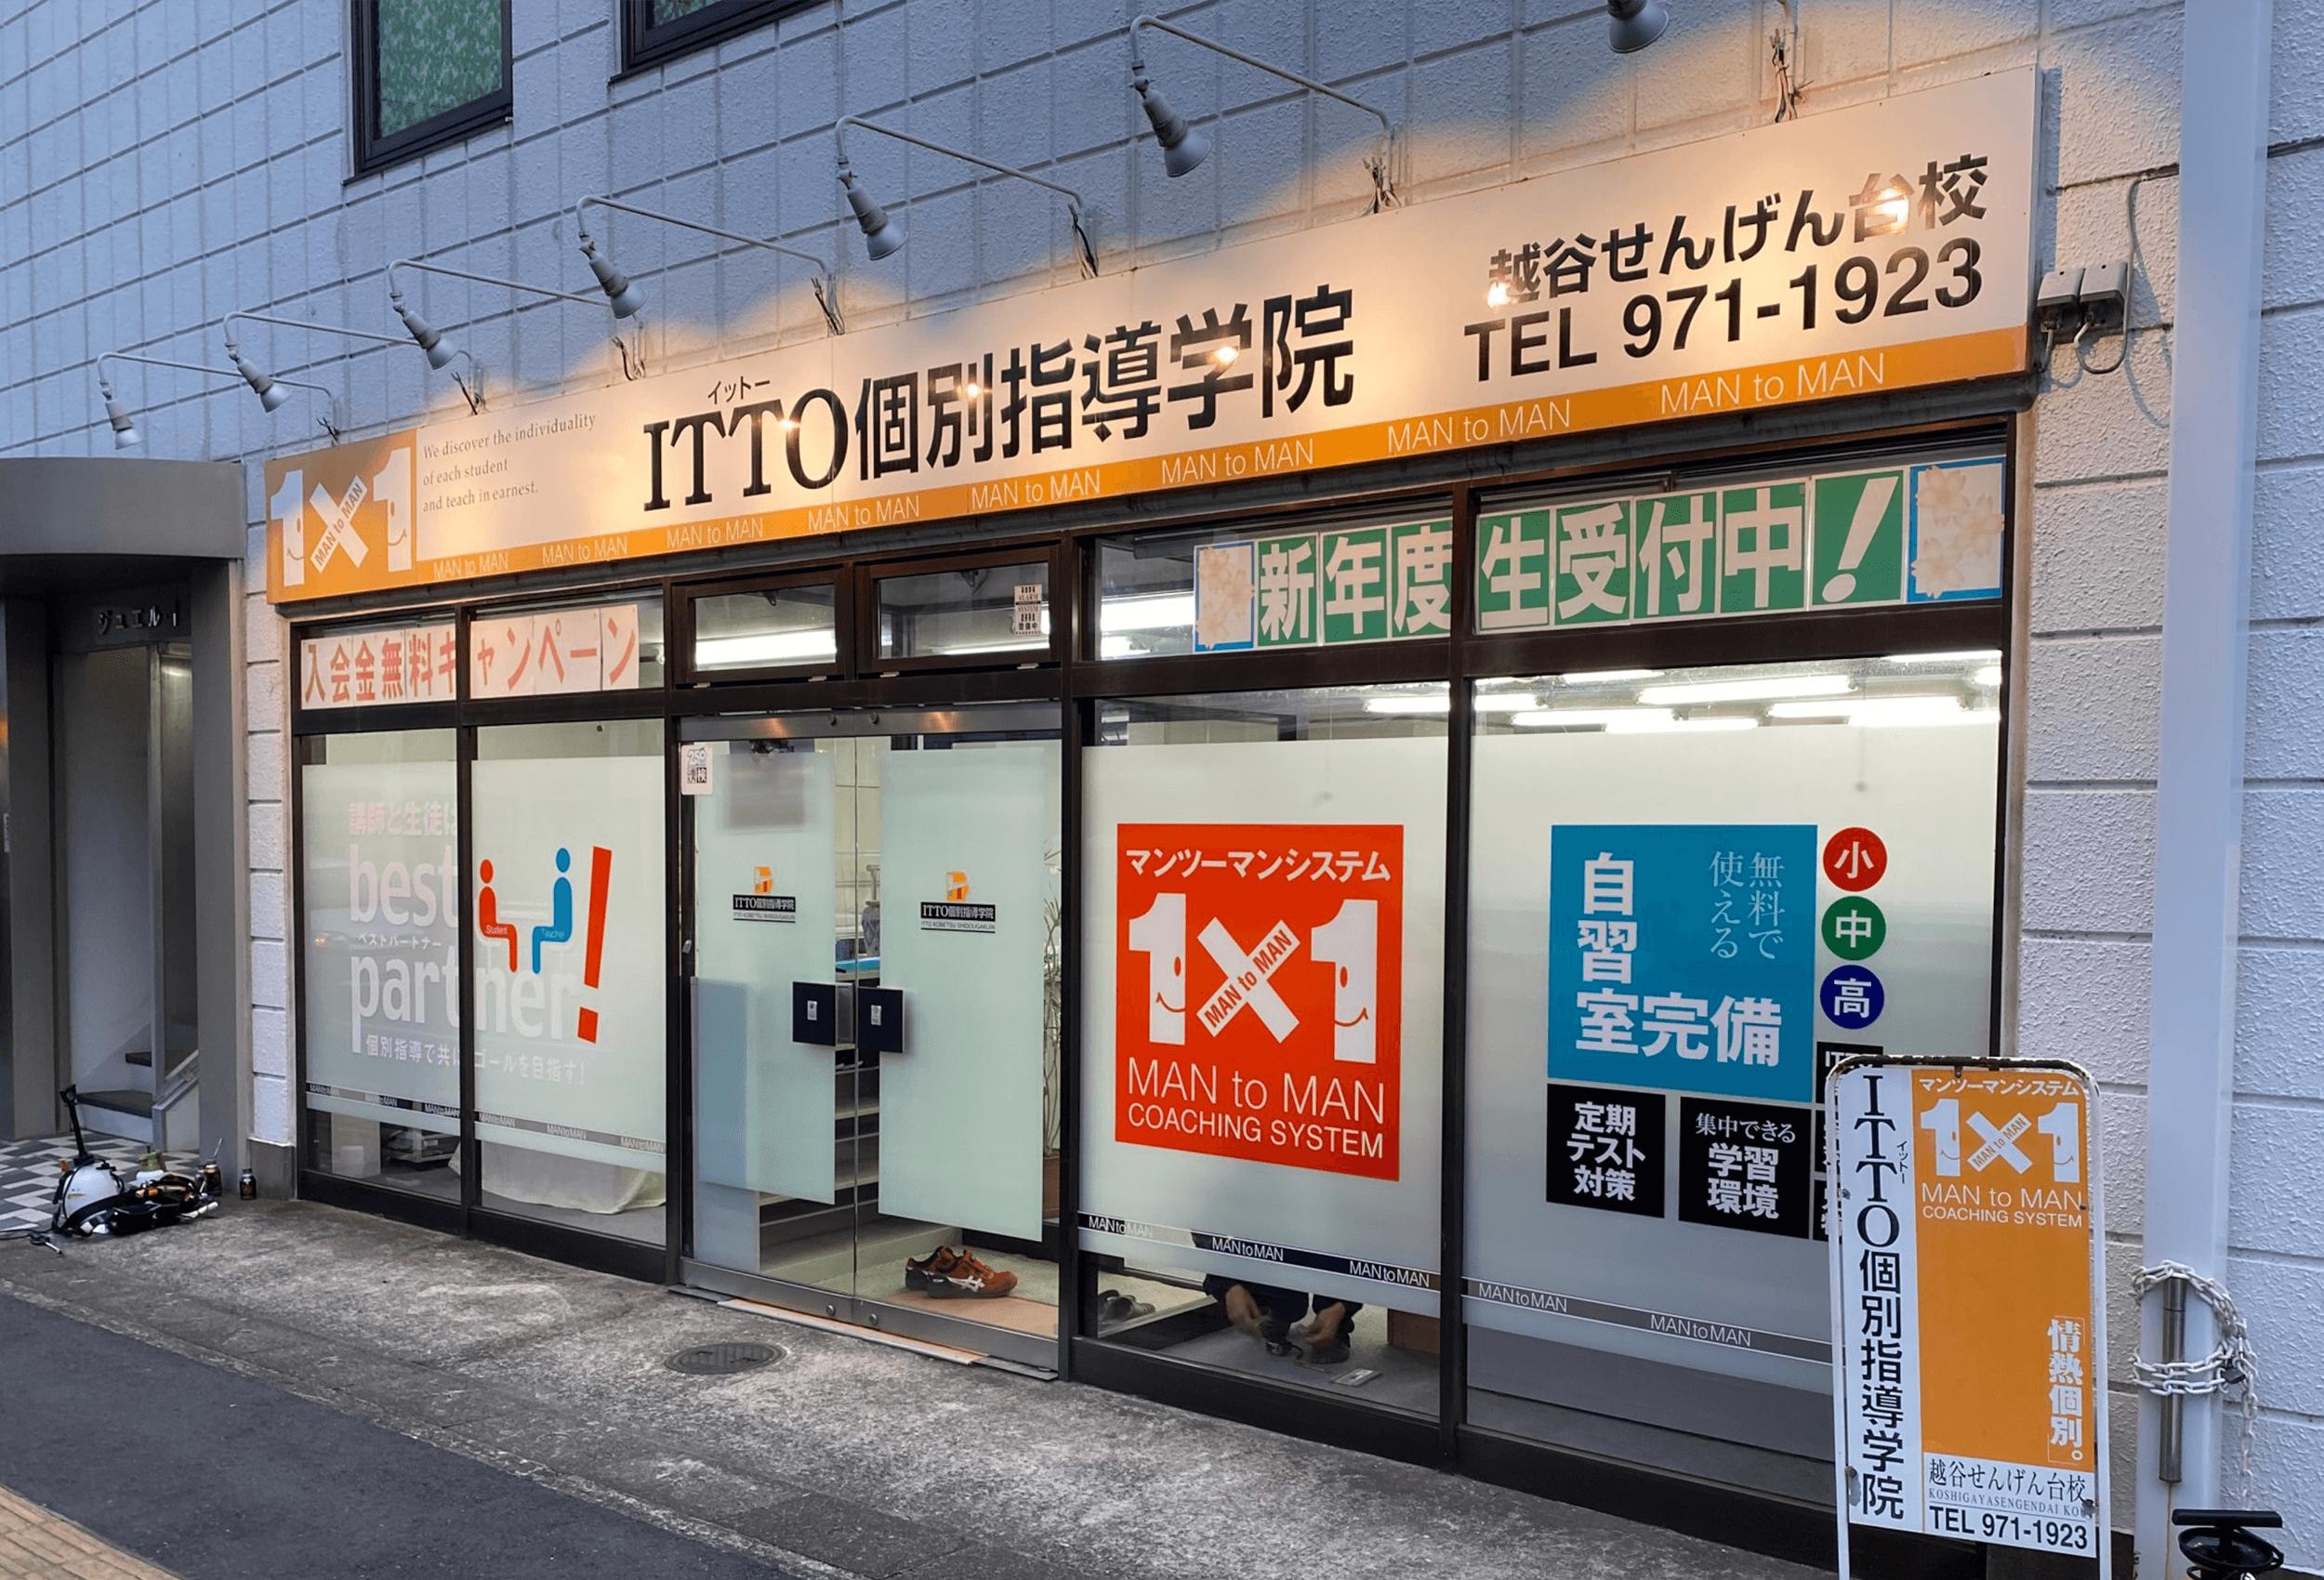 ウィンドウサイン・窓ガラス看板施工事例写真 埼玉県 ウインドウサイン変更工事